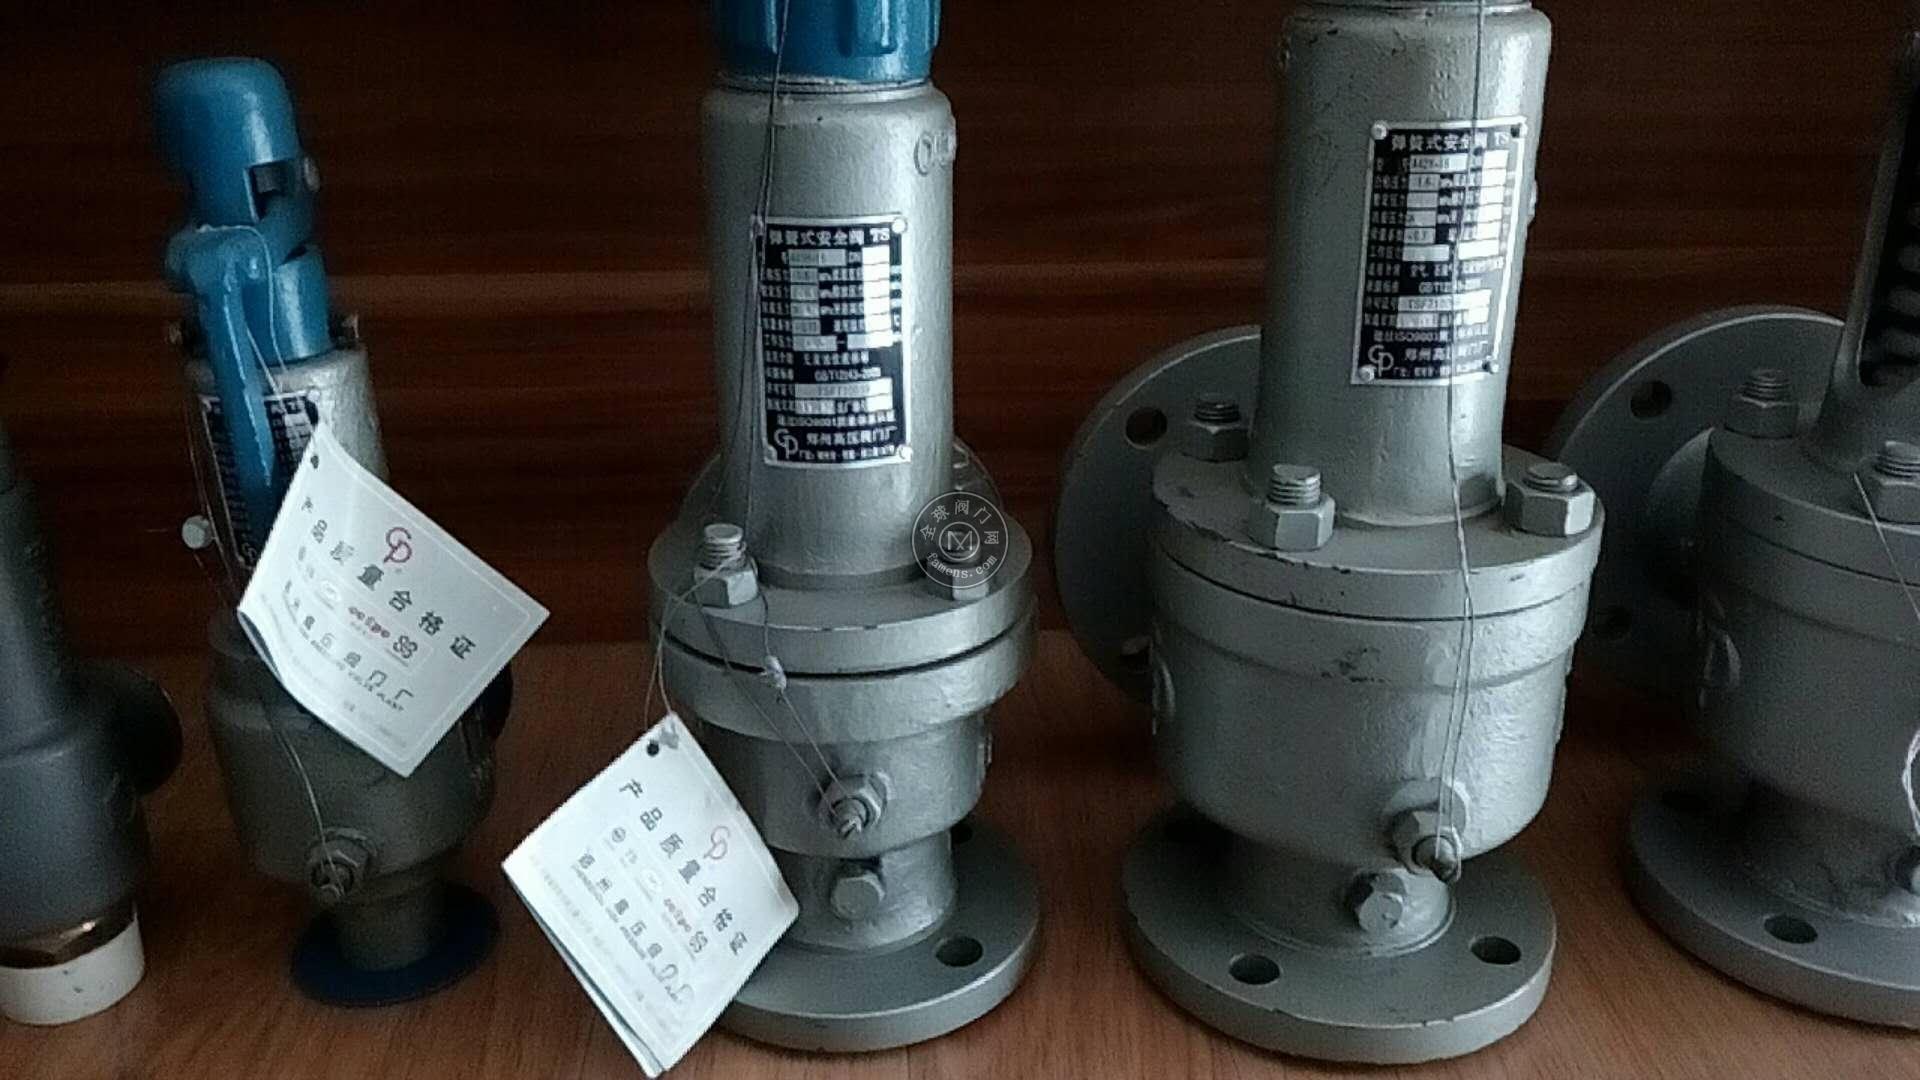 郑州高压阀门厂秦皇岛供应处安全阀A41H-16、25、40Q、C、P型封闭式安全阀